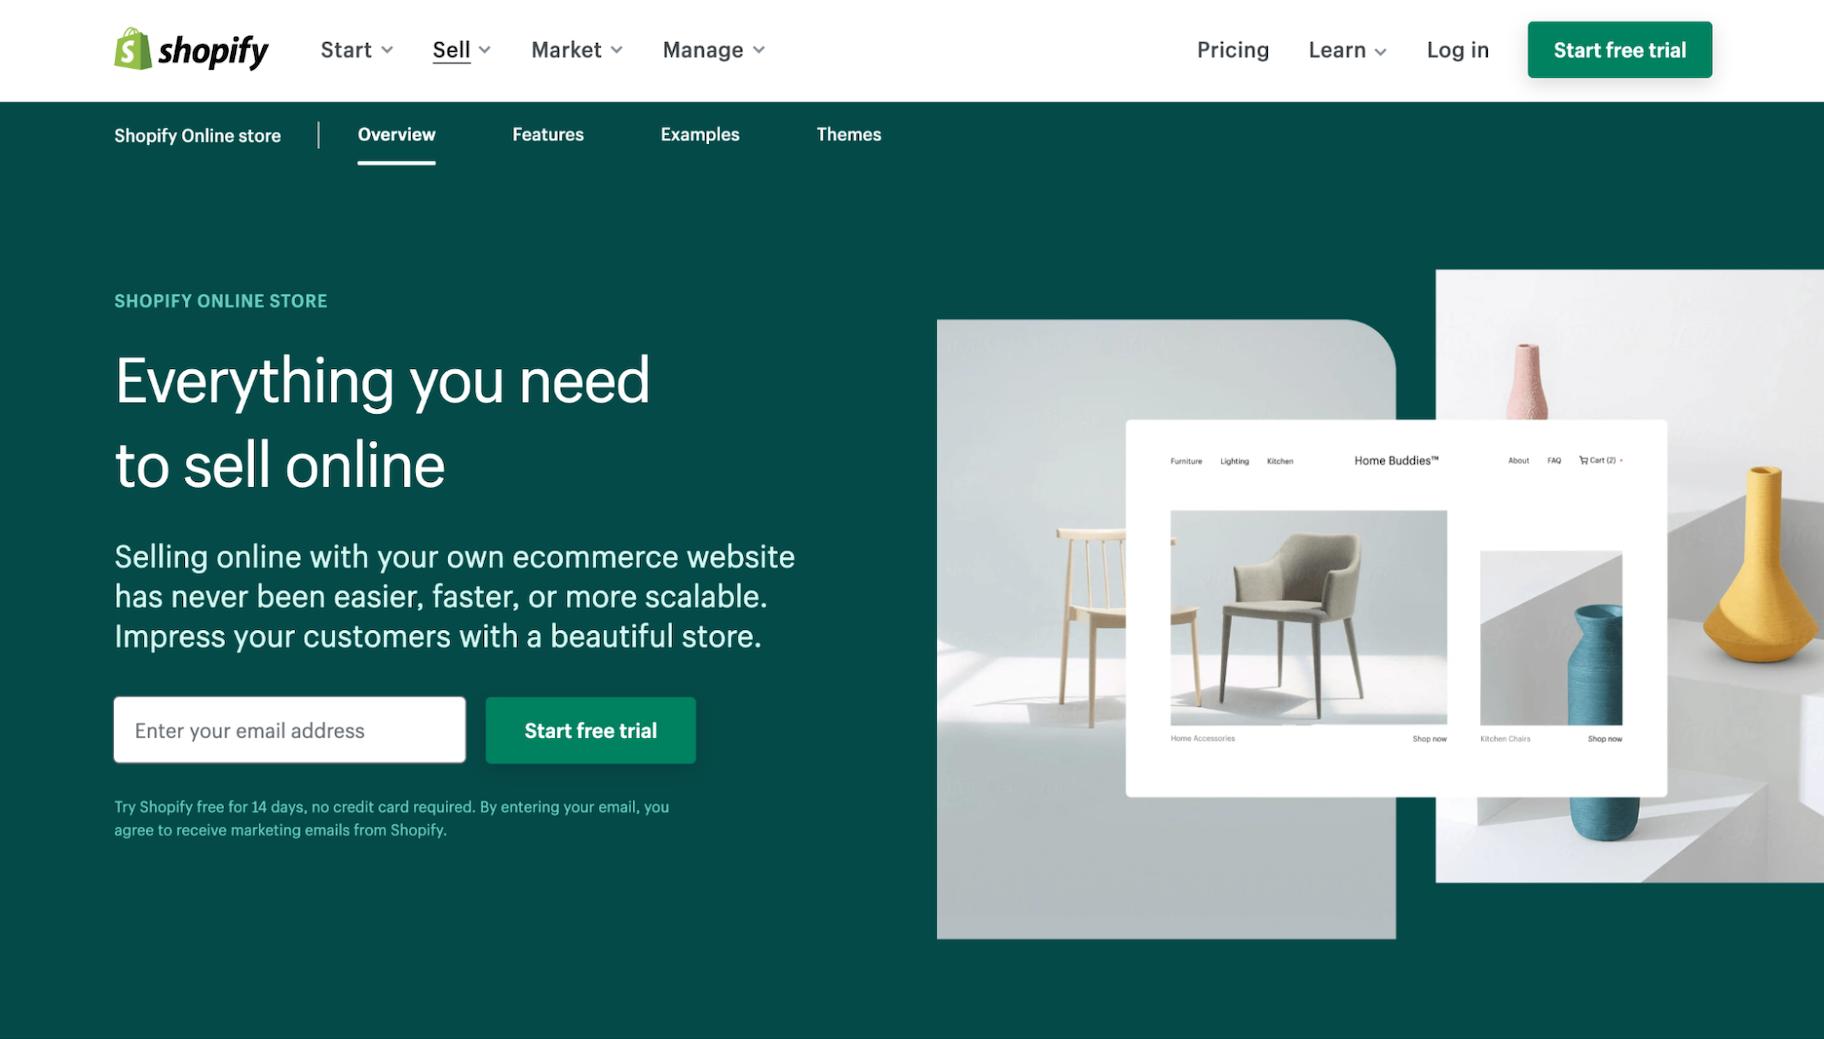 Shopify en iyi e-ticaret platformu mu?